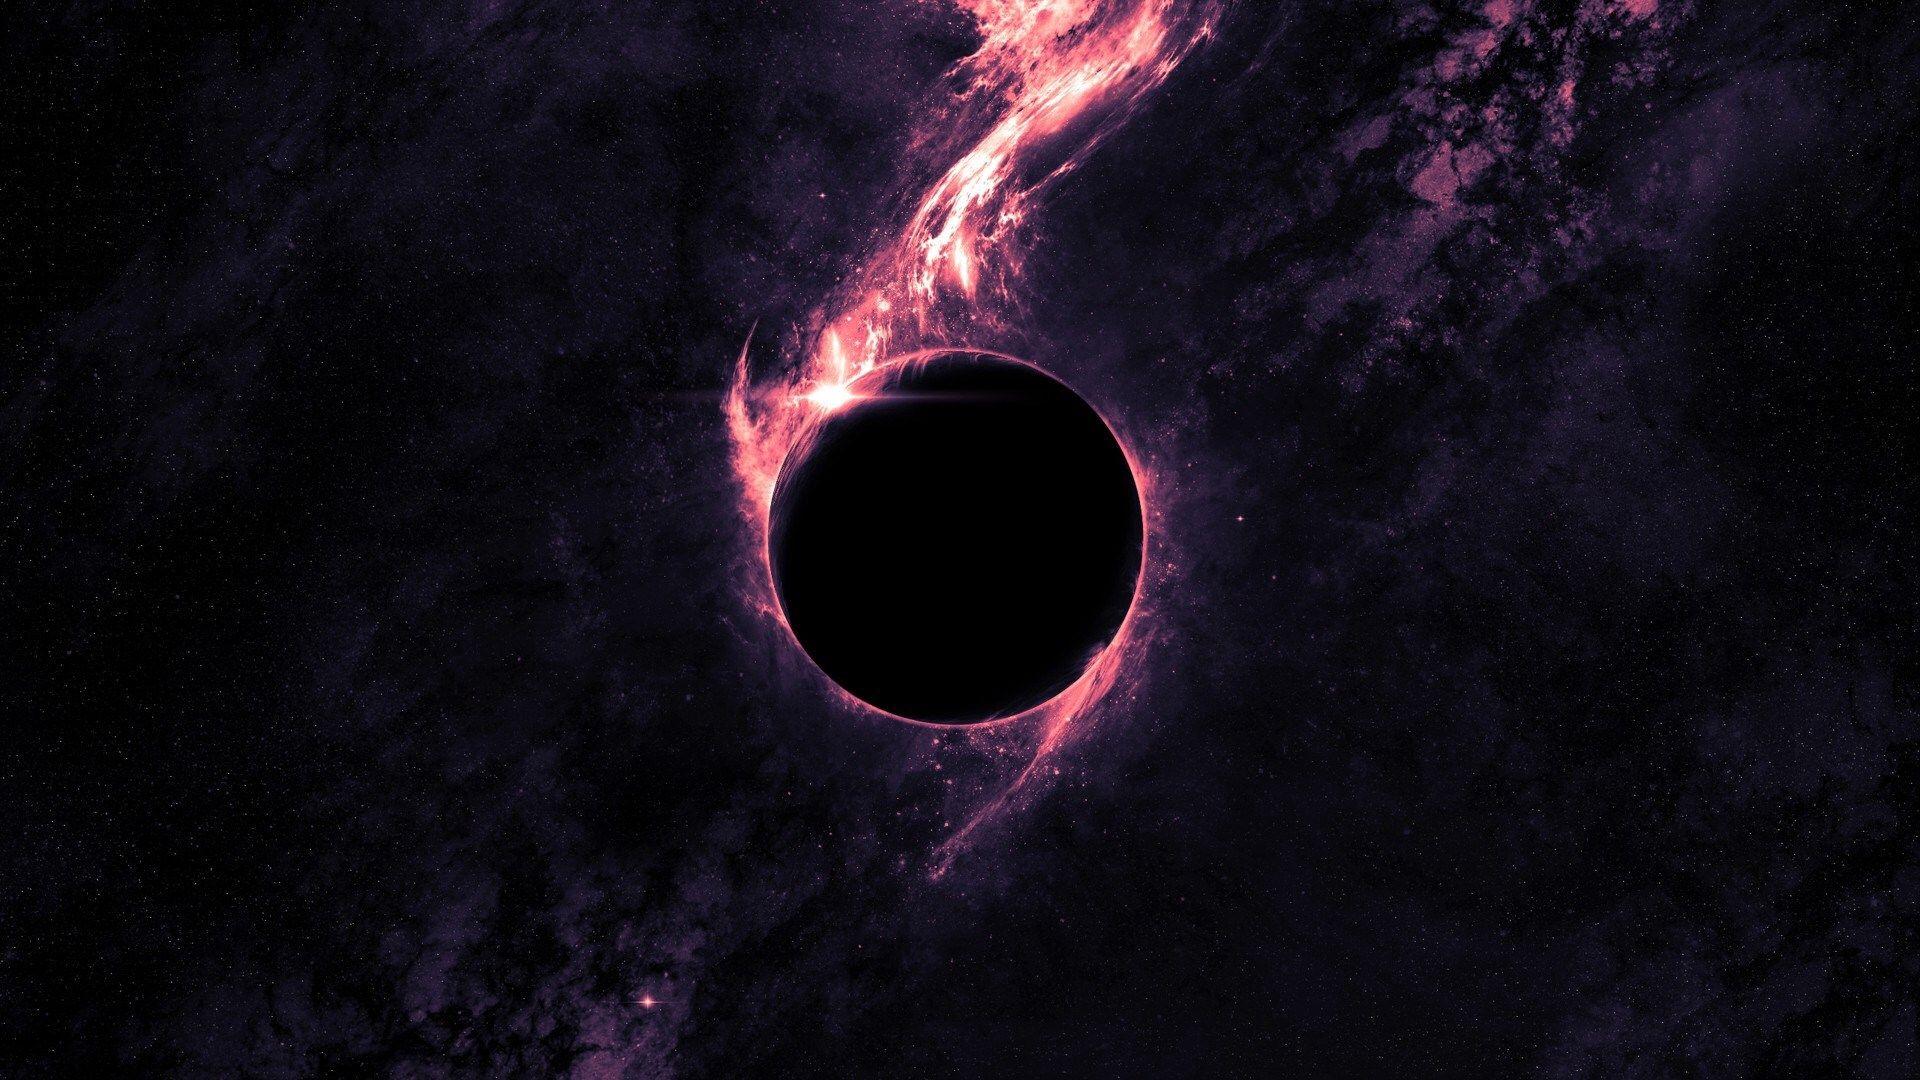 3d Space Black Hole Best Hd Wallpaper Black Hole Wallpaper Dark Purple Wallpaper Destiny Wallpaper Hd